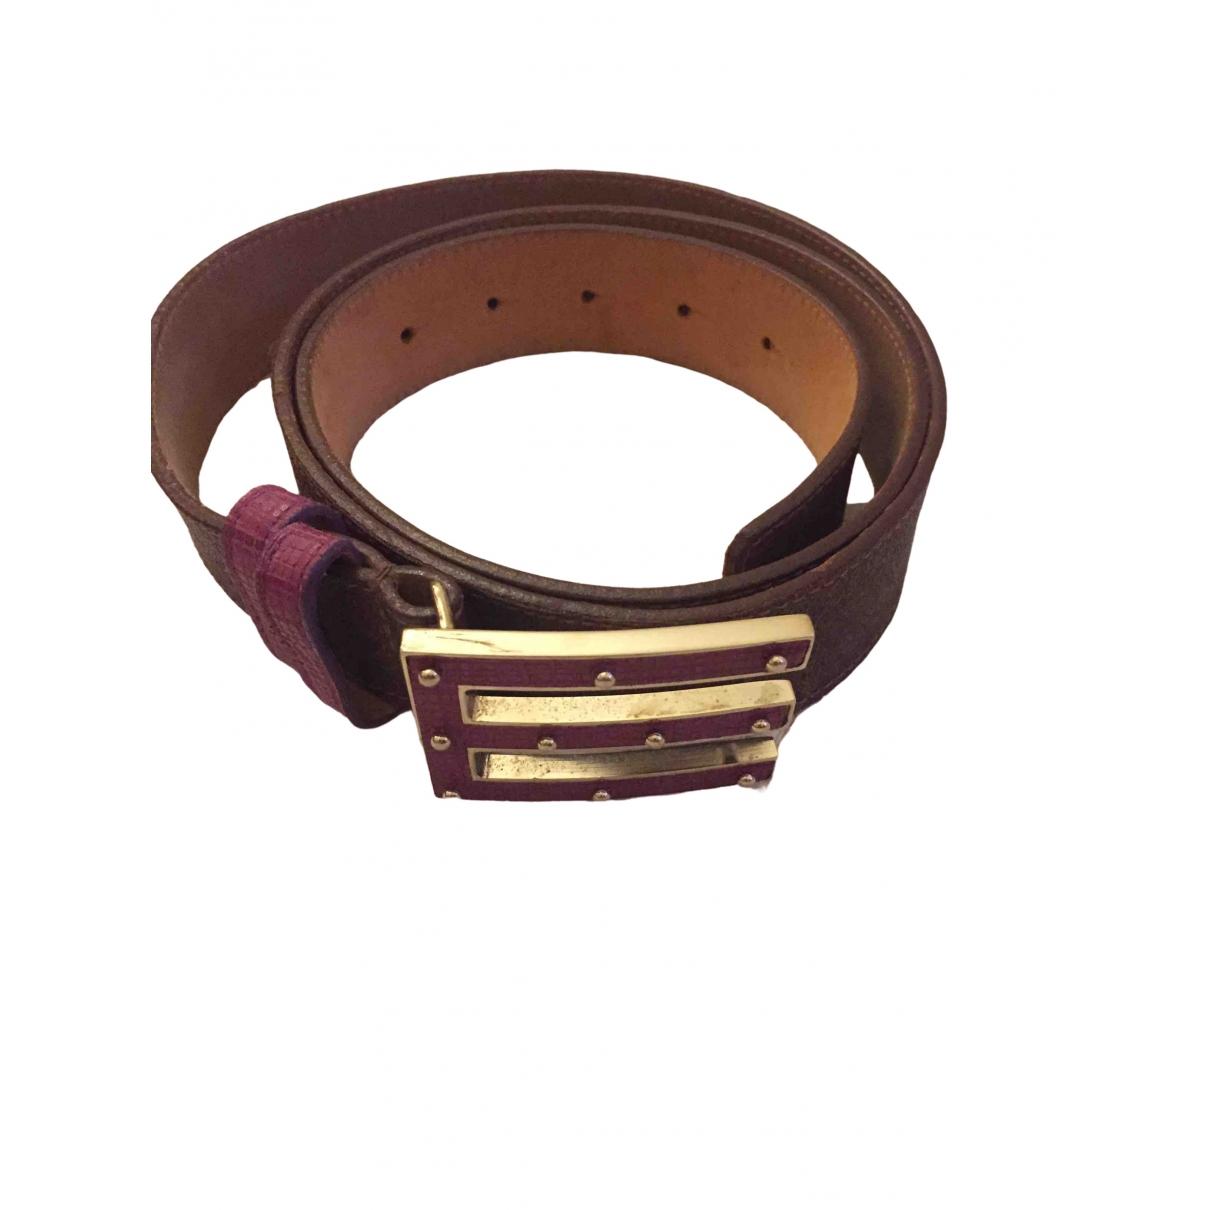 Etro \N Purple Leather belt for Women L International